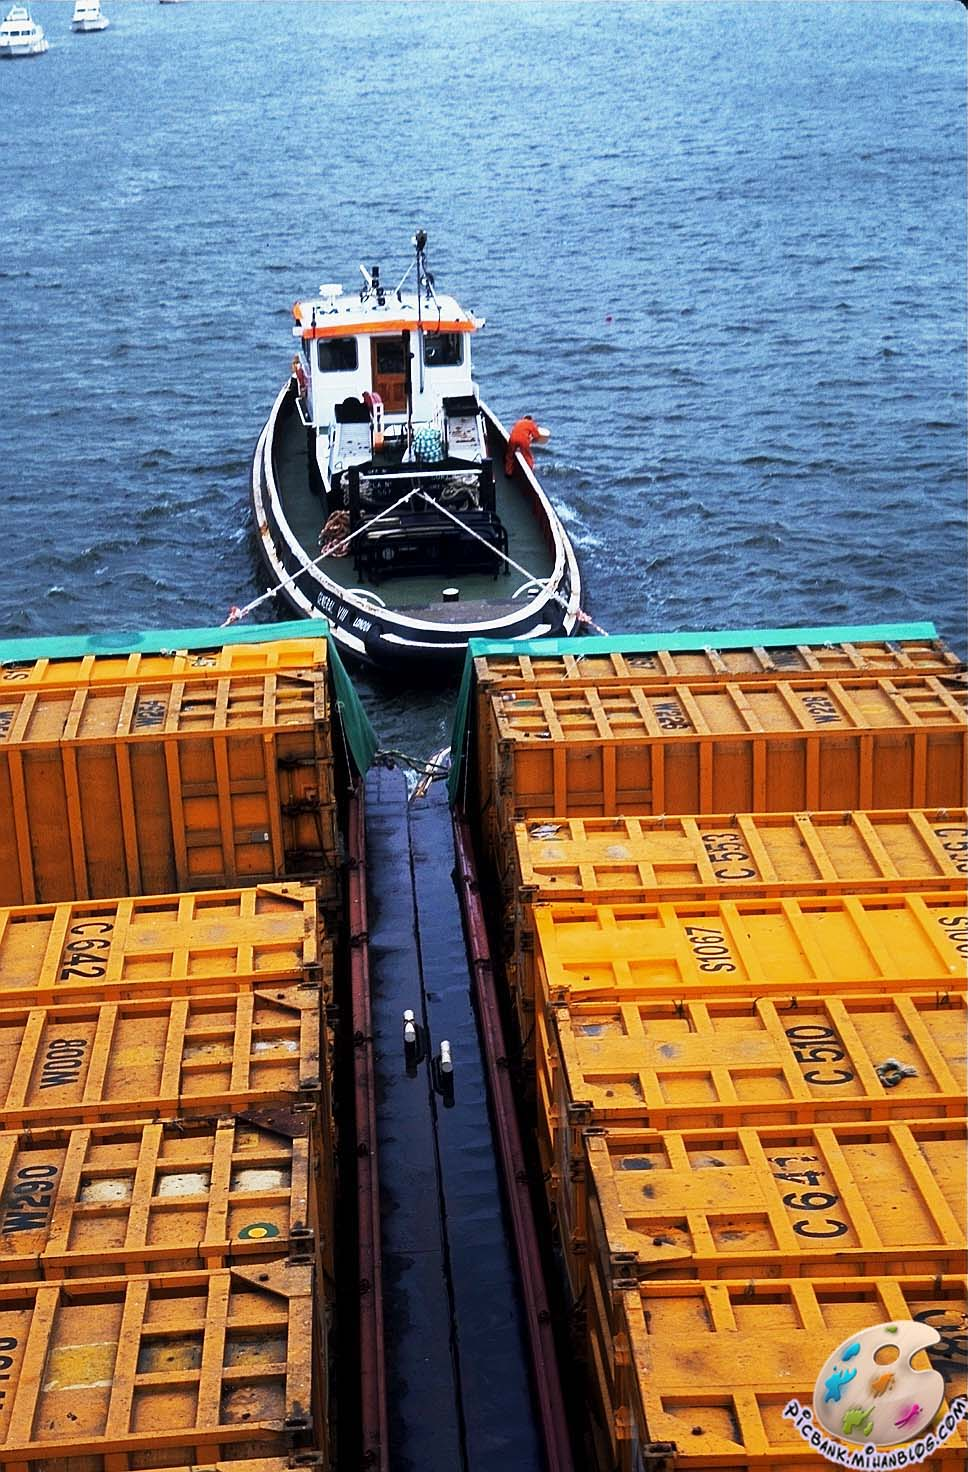 قایق | کشتی | قایق و کشتی | عکسهای قایق | والپیپر قایق | انواع قایق | انواع کشتی | عکسهای زیبای قایق | عکس های زیبای قایقها | قایق موتوری | قایق بادبانی | قایق پارویی | لنج | کرجی | زیر دریایی | زیردریایی | قایقهای مختلف | کشتی های مختلف | والپیپرهای زیبای قایقها | بک گراند قایق | بک گراندهای قایق | بکگراند قایق | بکگراند قایقها | بک گراندهای قایقها | قایقهای زیبا | عکسهای کشتی | والپیپر کشتی | عکسهای زیبای کشتیها | والپیپرهای زیبای کشتی | والپیپرهای زیبای کشتیها | بک گراند کشتی | بک گراند کشتیها | بکگراند کشتیها | بک گراندهای کشتیها | بکگراندهای کشتیها | وسایل نقلیه | وسایل نقلیه دریایی | وسایل نقلیه آبی | قایقهای گوناگون | کشتی های گوناگون | بندر | قایق های بندر | کشتی های بندر | اسکله | عرشه کشتی | عکس | عکسهای زیبا | والپیپر | والپیپرهای زیبا | تصویر زیبا | تصاویر زیبا | بک گراند | بکگراند | بک گراندهای زیبا | بکگراندهای زیبا | دسکتاپ | عکس دسکتاپ | عکسهای دسکتاپ | تصاویر دسکتاپ | تصویر دسکتاپ | والپیپر برای دسکتاپ | پیک بانک | پیکبانک | نگارخانه | آرشیو عکس و تصویر | تصاویر | دریا |